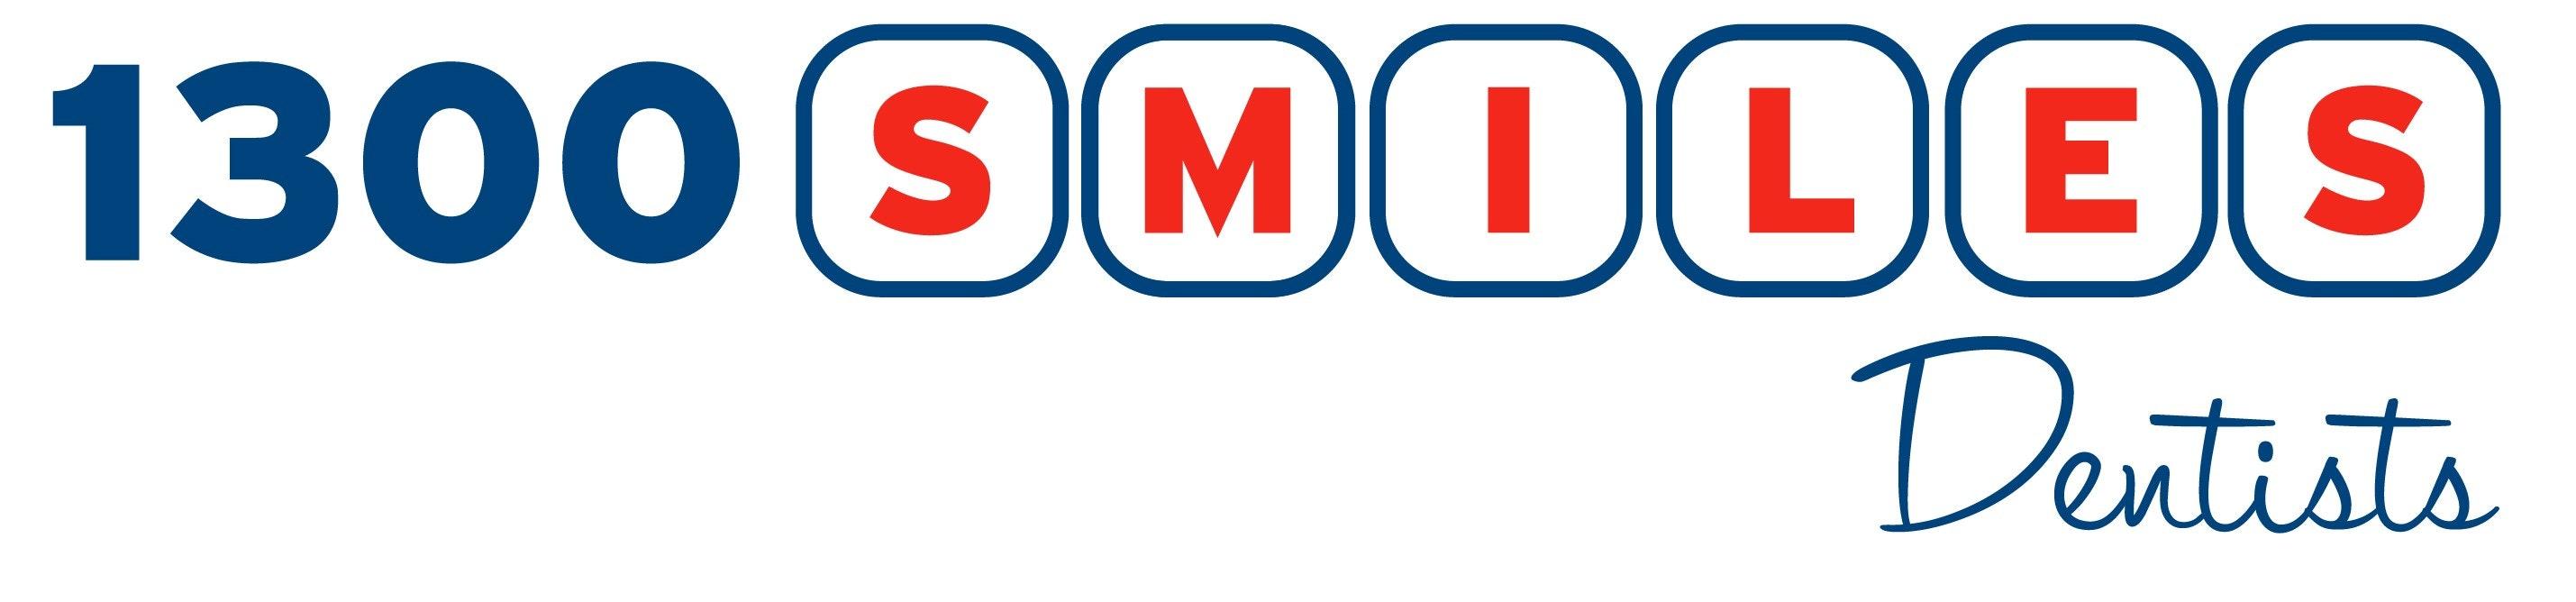 logo for 1300 Smiles - Strathpine Dentists